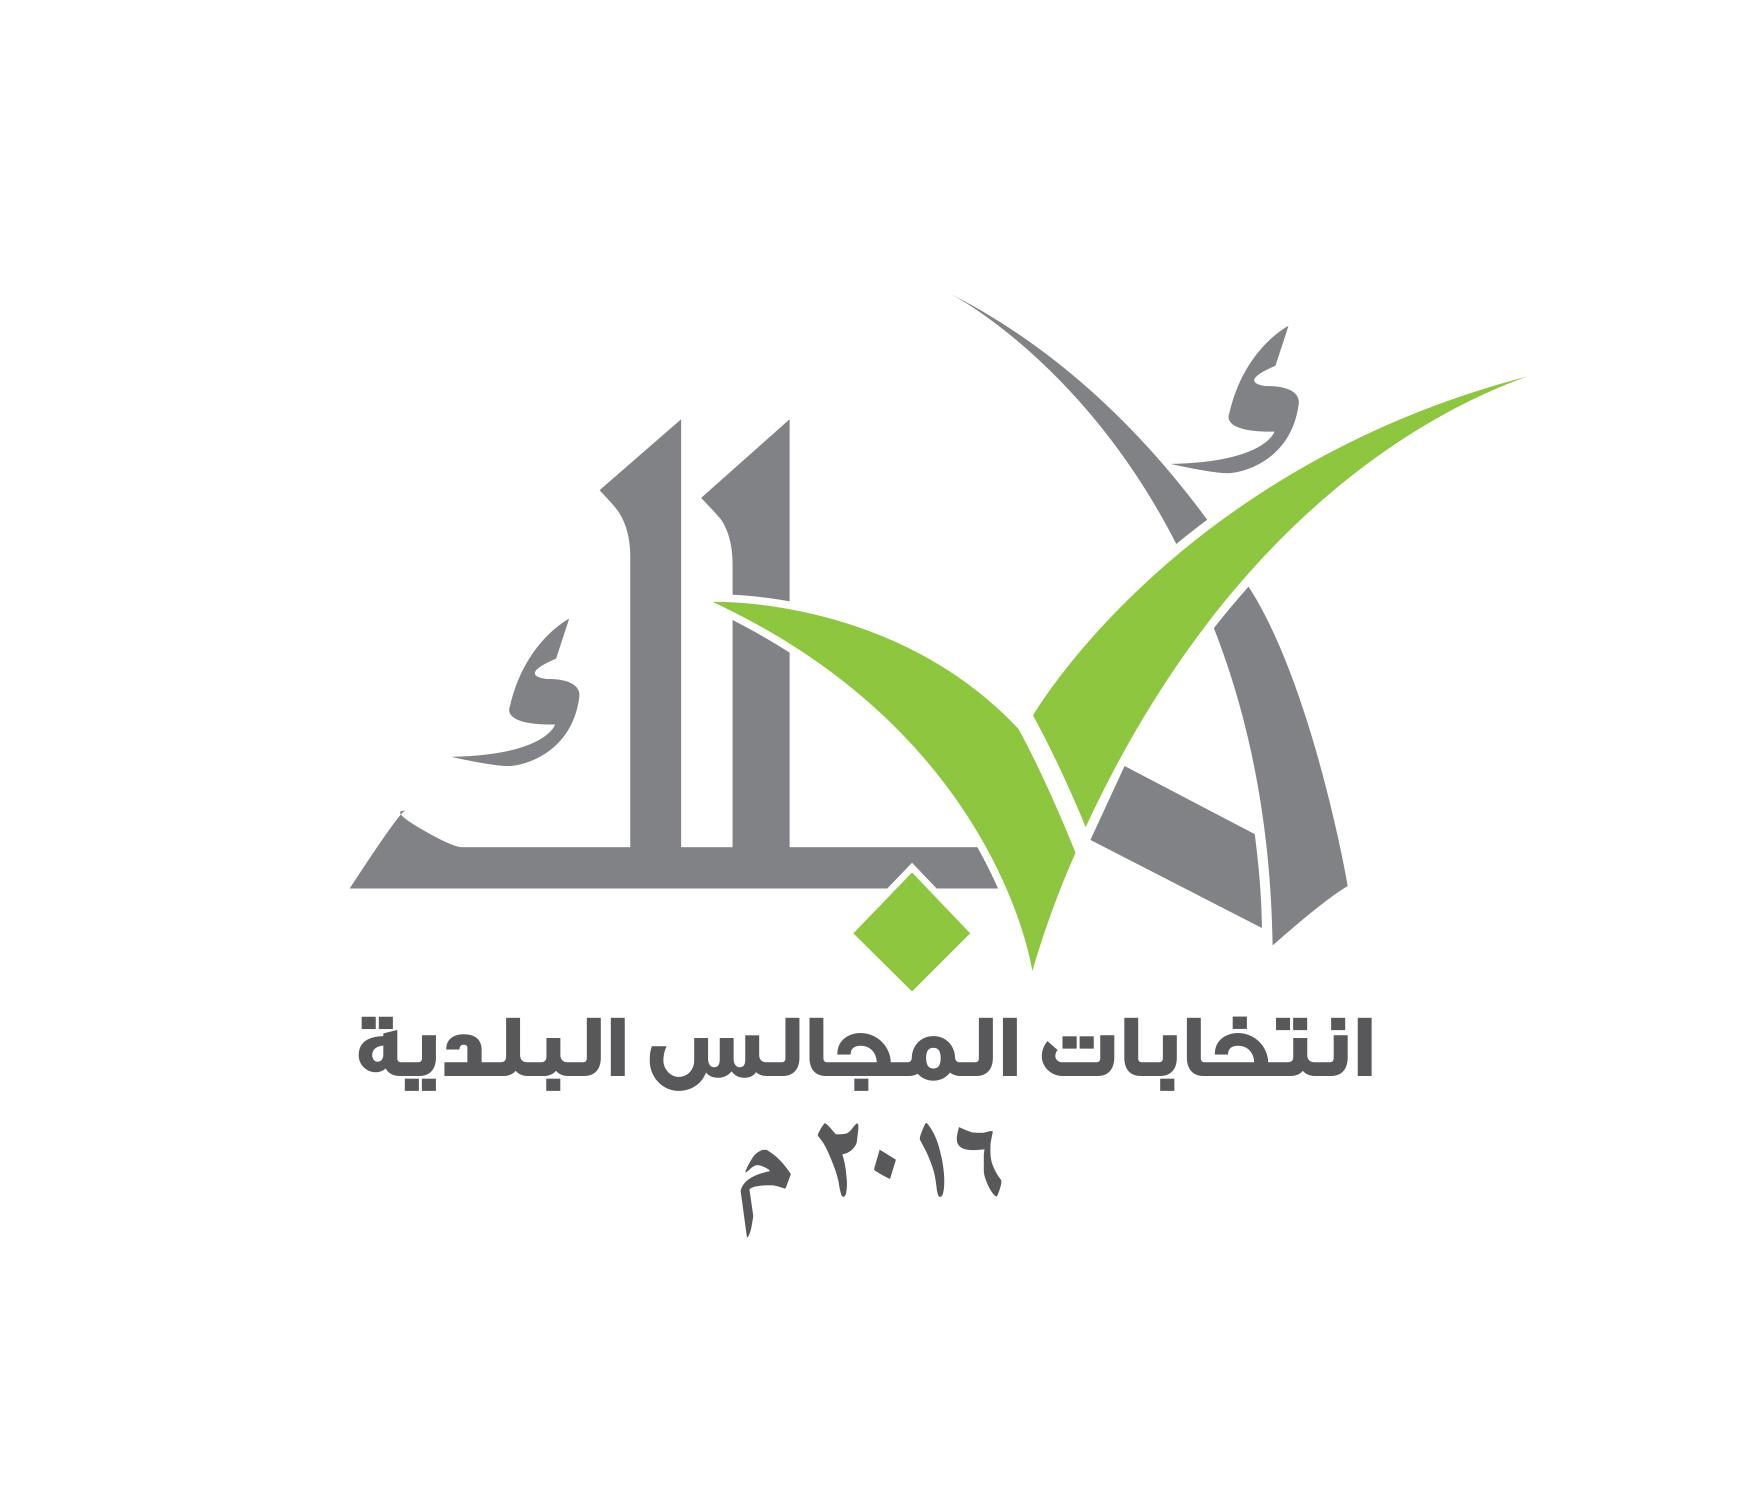 25 ديسمبر 2016م موعدا للتصويت  لانتخابات المجالس البلدية للفترة الثانية